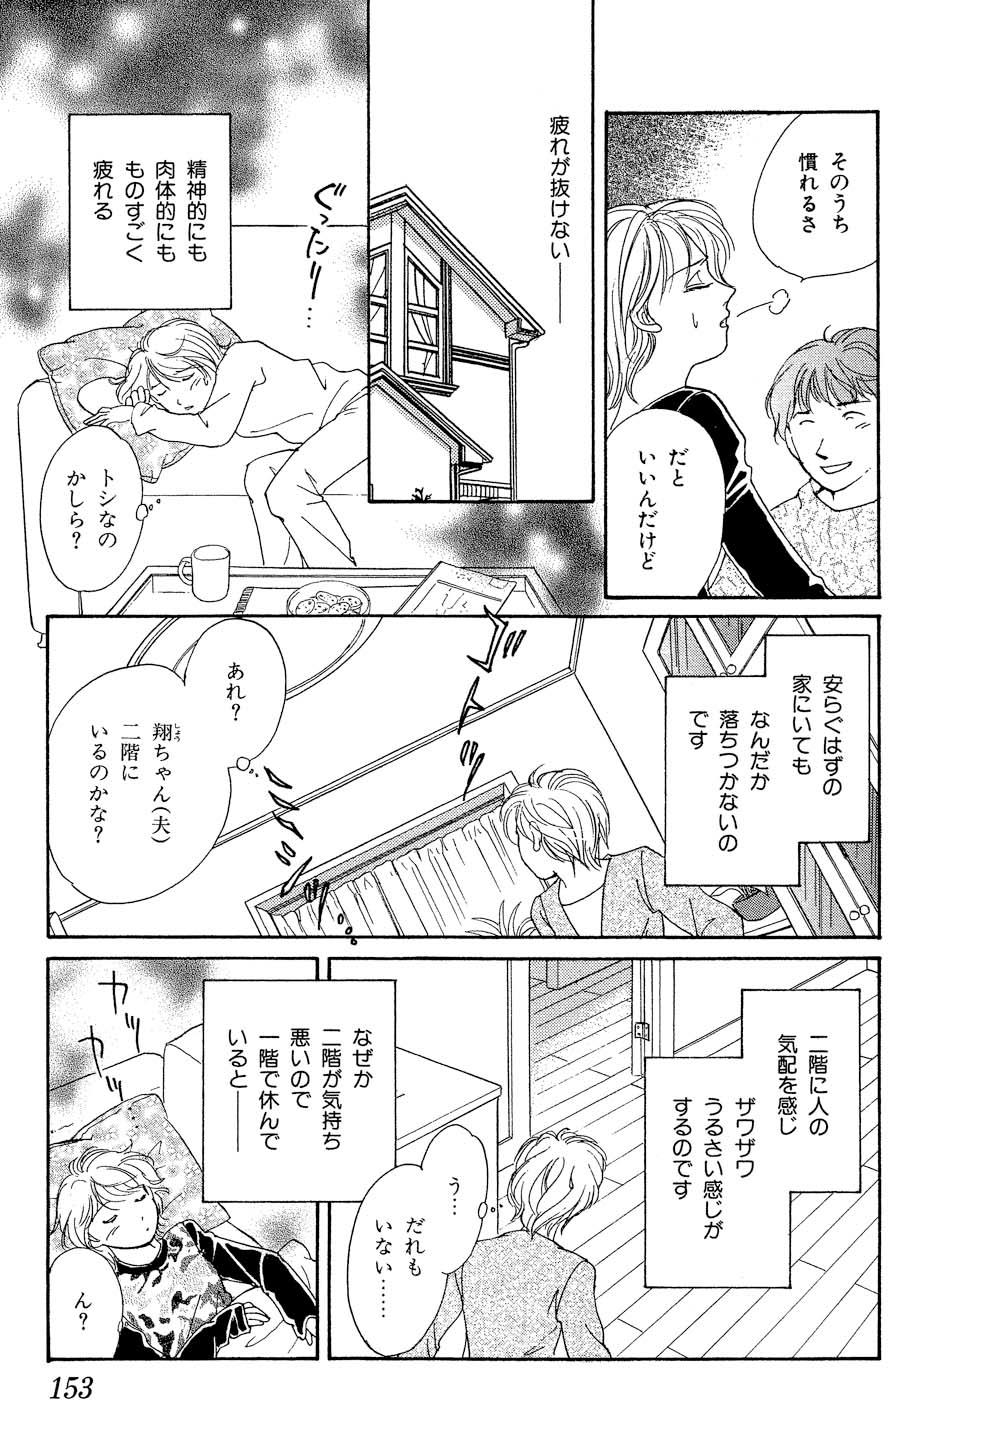 hakui_0001_0153.jpg